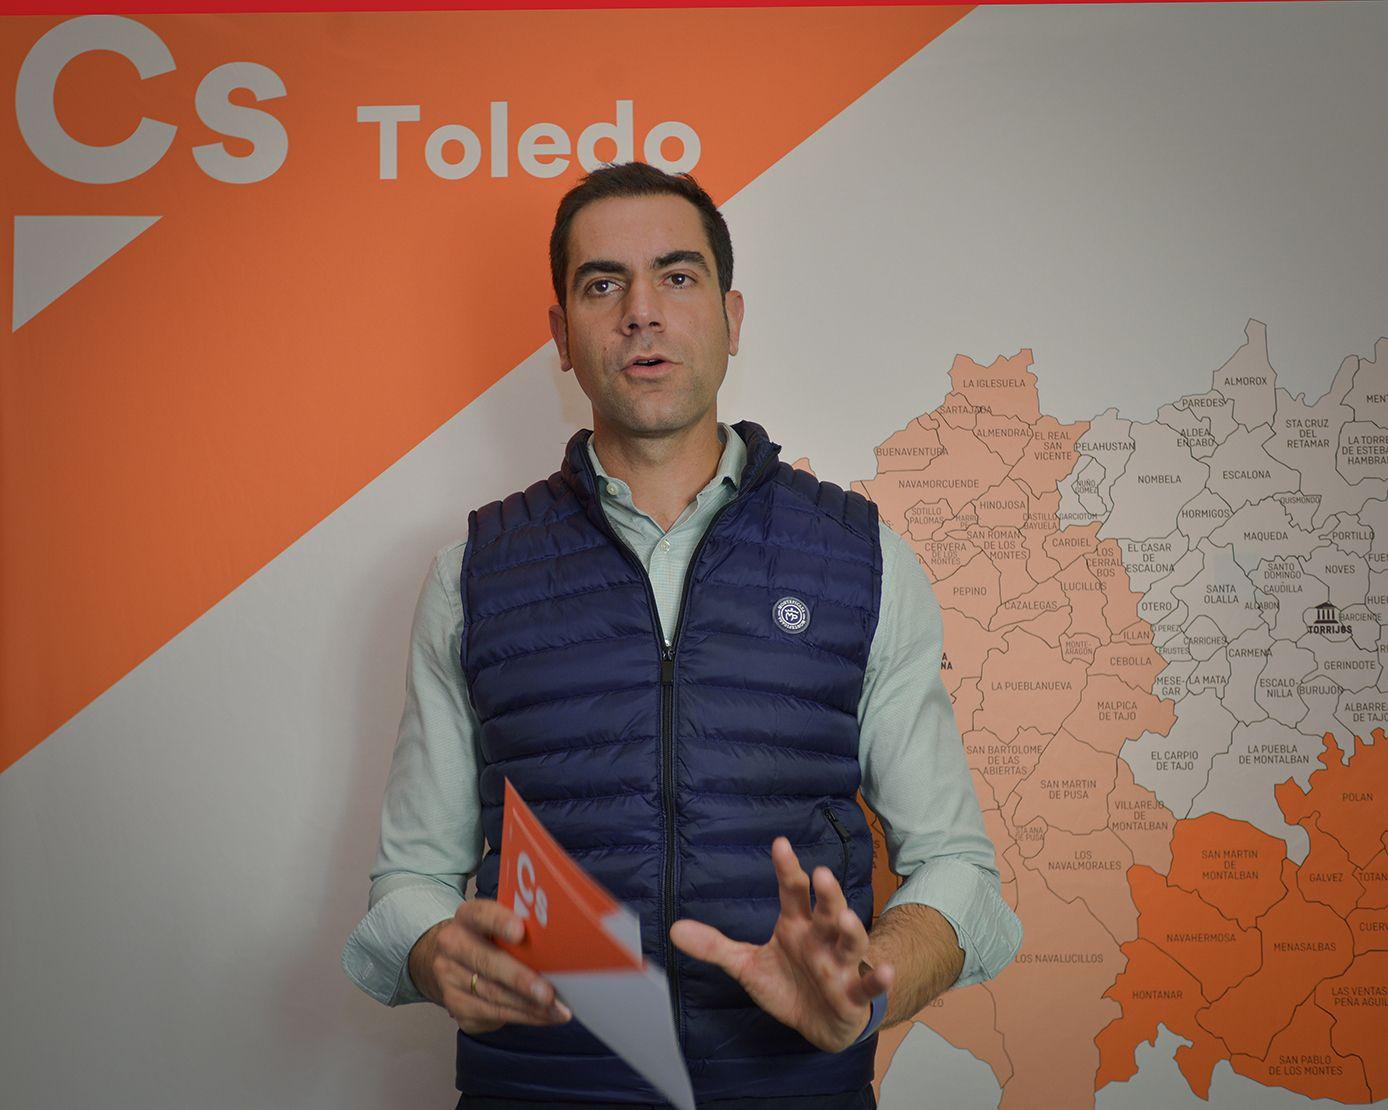 Cs Toledo recurrirá a la vía judicial si la Diputación continúa incumpliendo la ley limitando a la oposición su labor de control